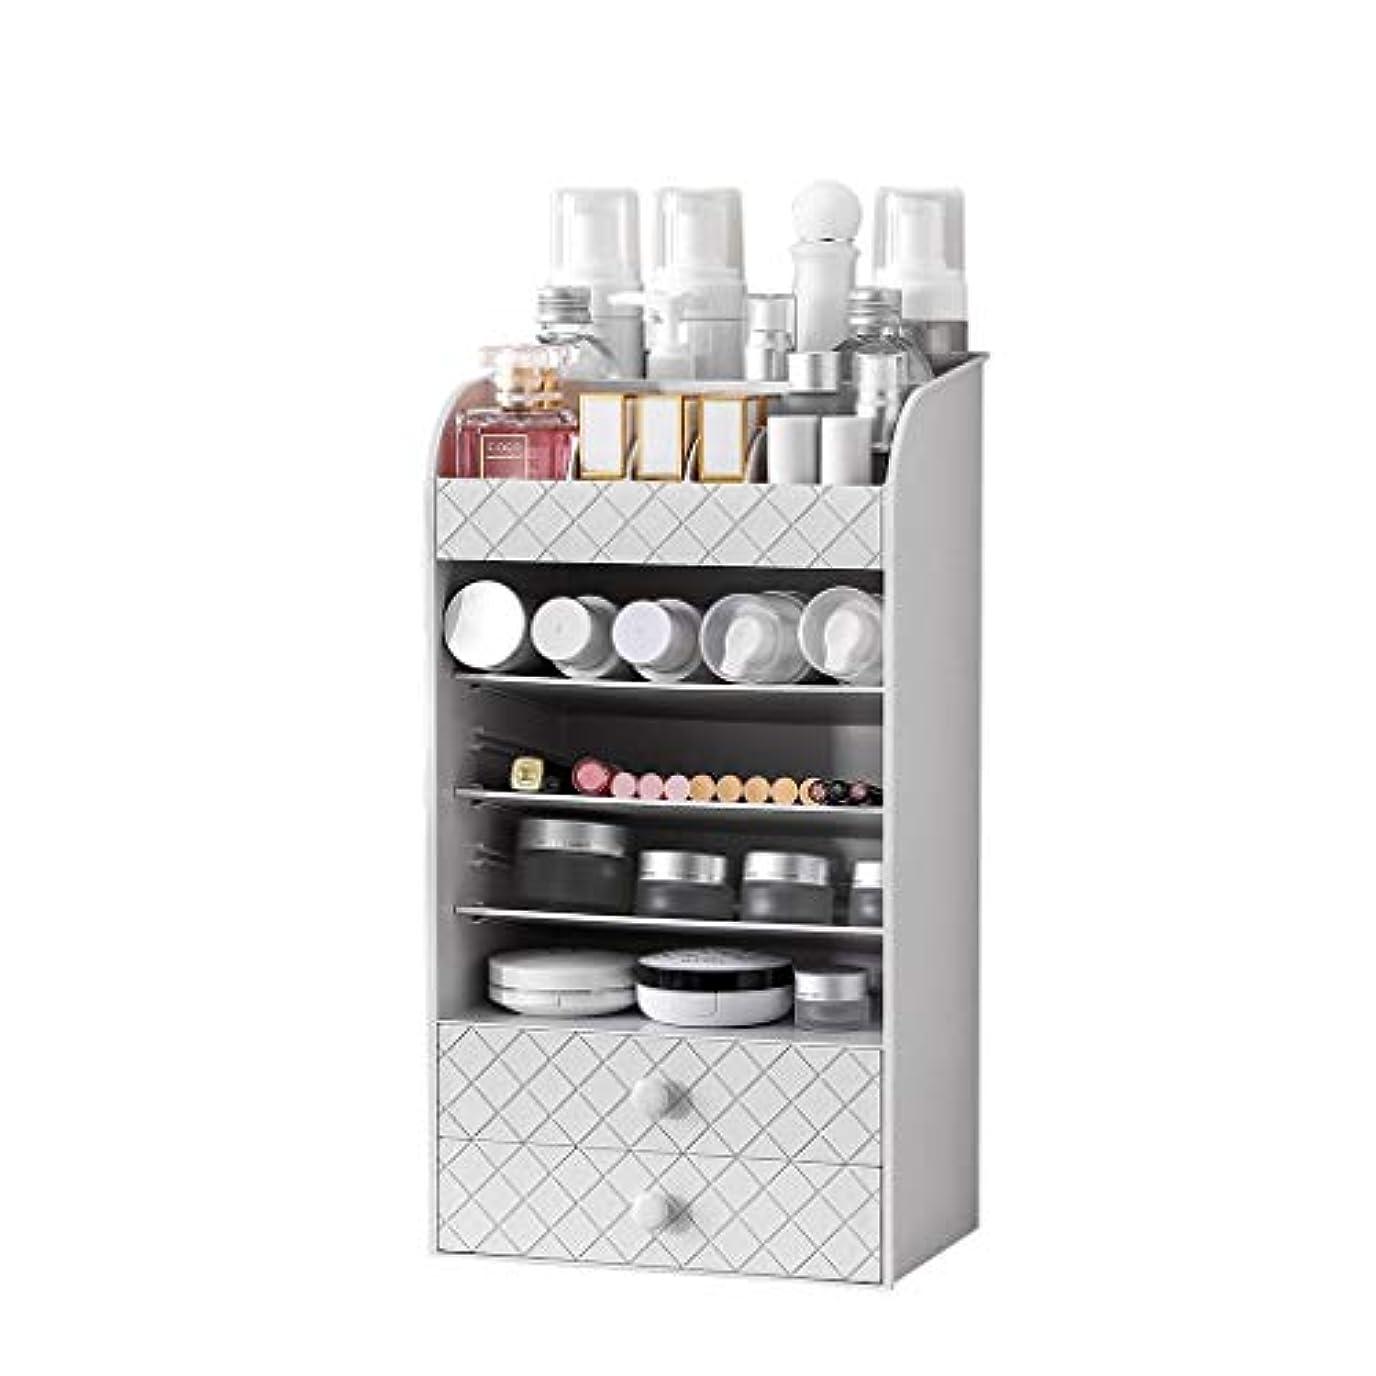 シリアル第四サービス化粧品収納ボックスベッドルームドレッシングテーブル化粧品ケース調整可能引き出しスキンケアデスクトップラック